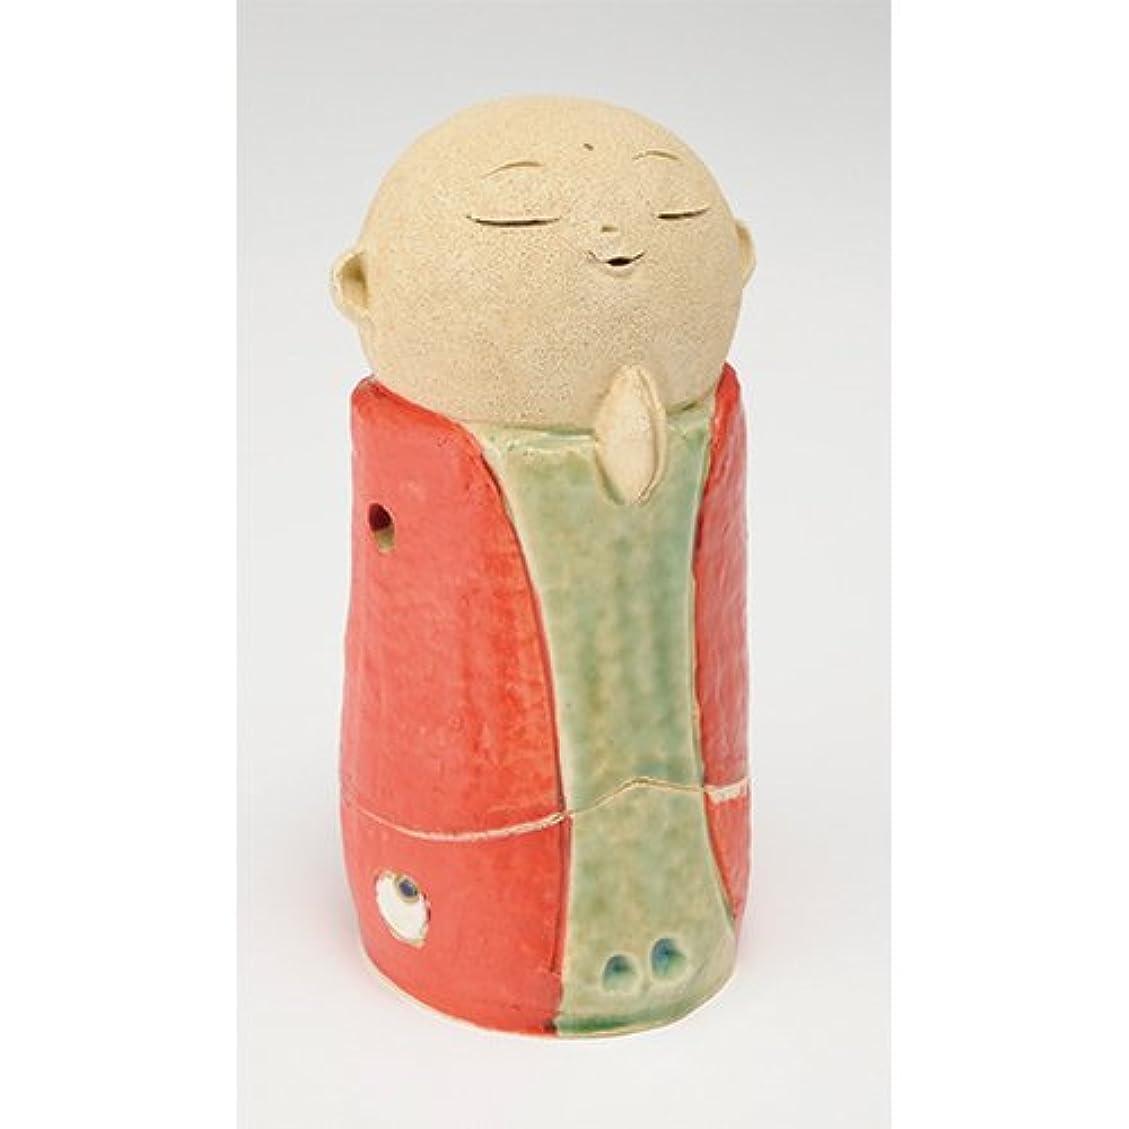 変装対立提案するお地蔵様 香炉シリーズ 赤 お地蔵様 香炉 5.3寸(大) [H16cm] HANDMADE プレゼント ギフト 和食器 かわいい インテリア